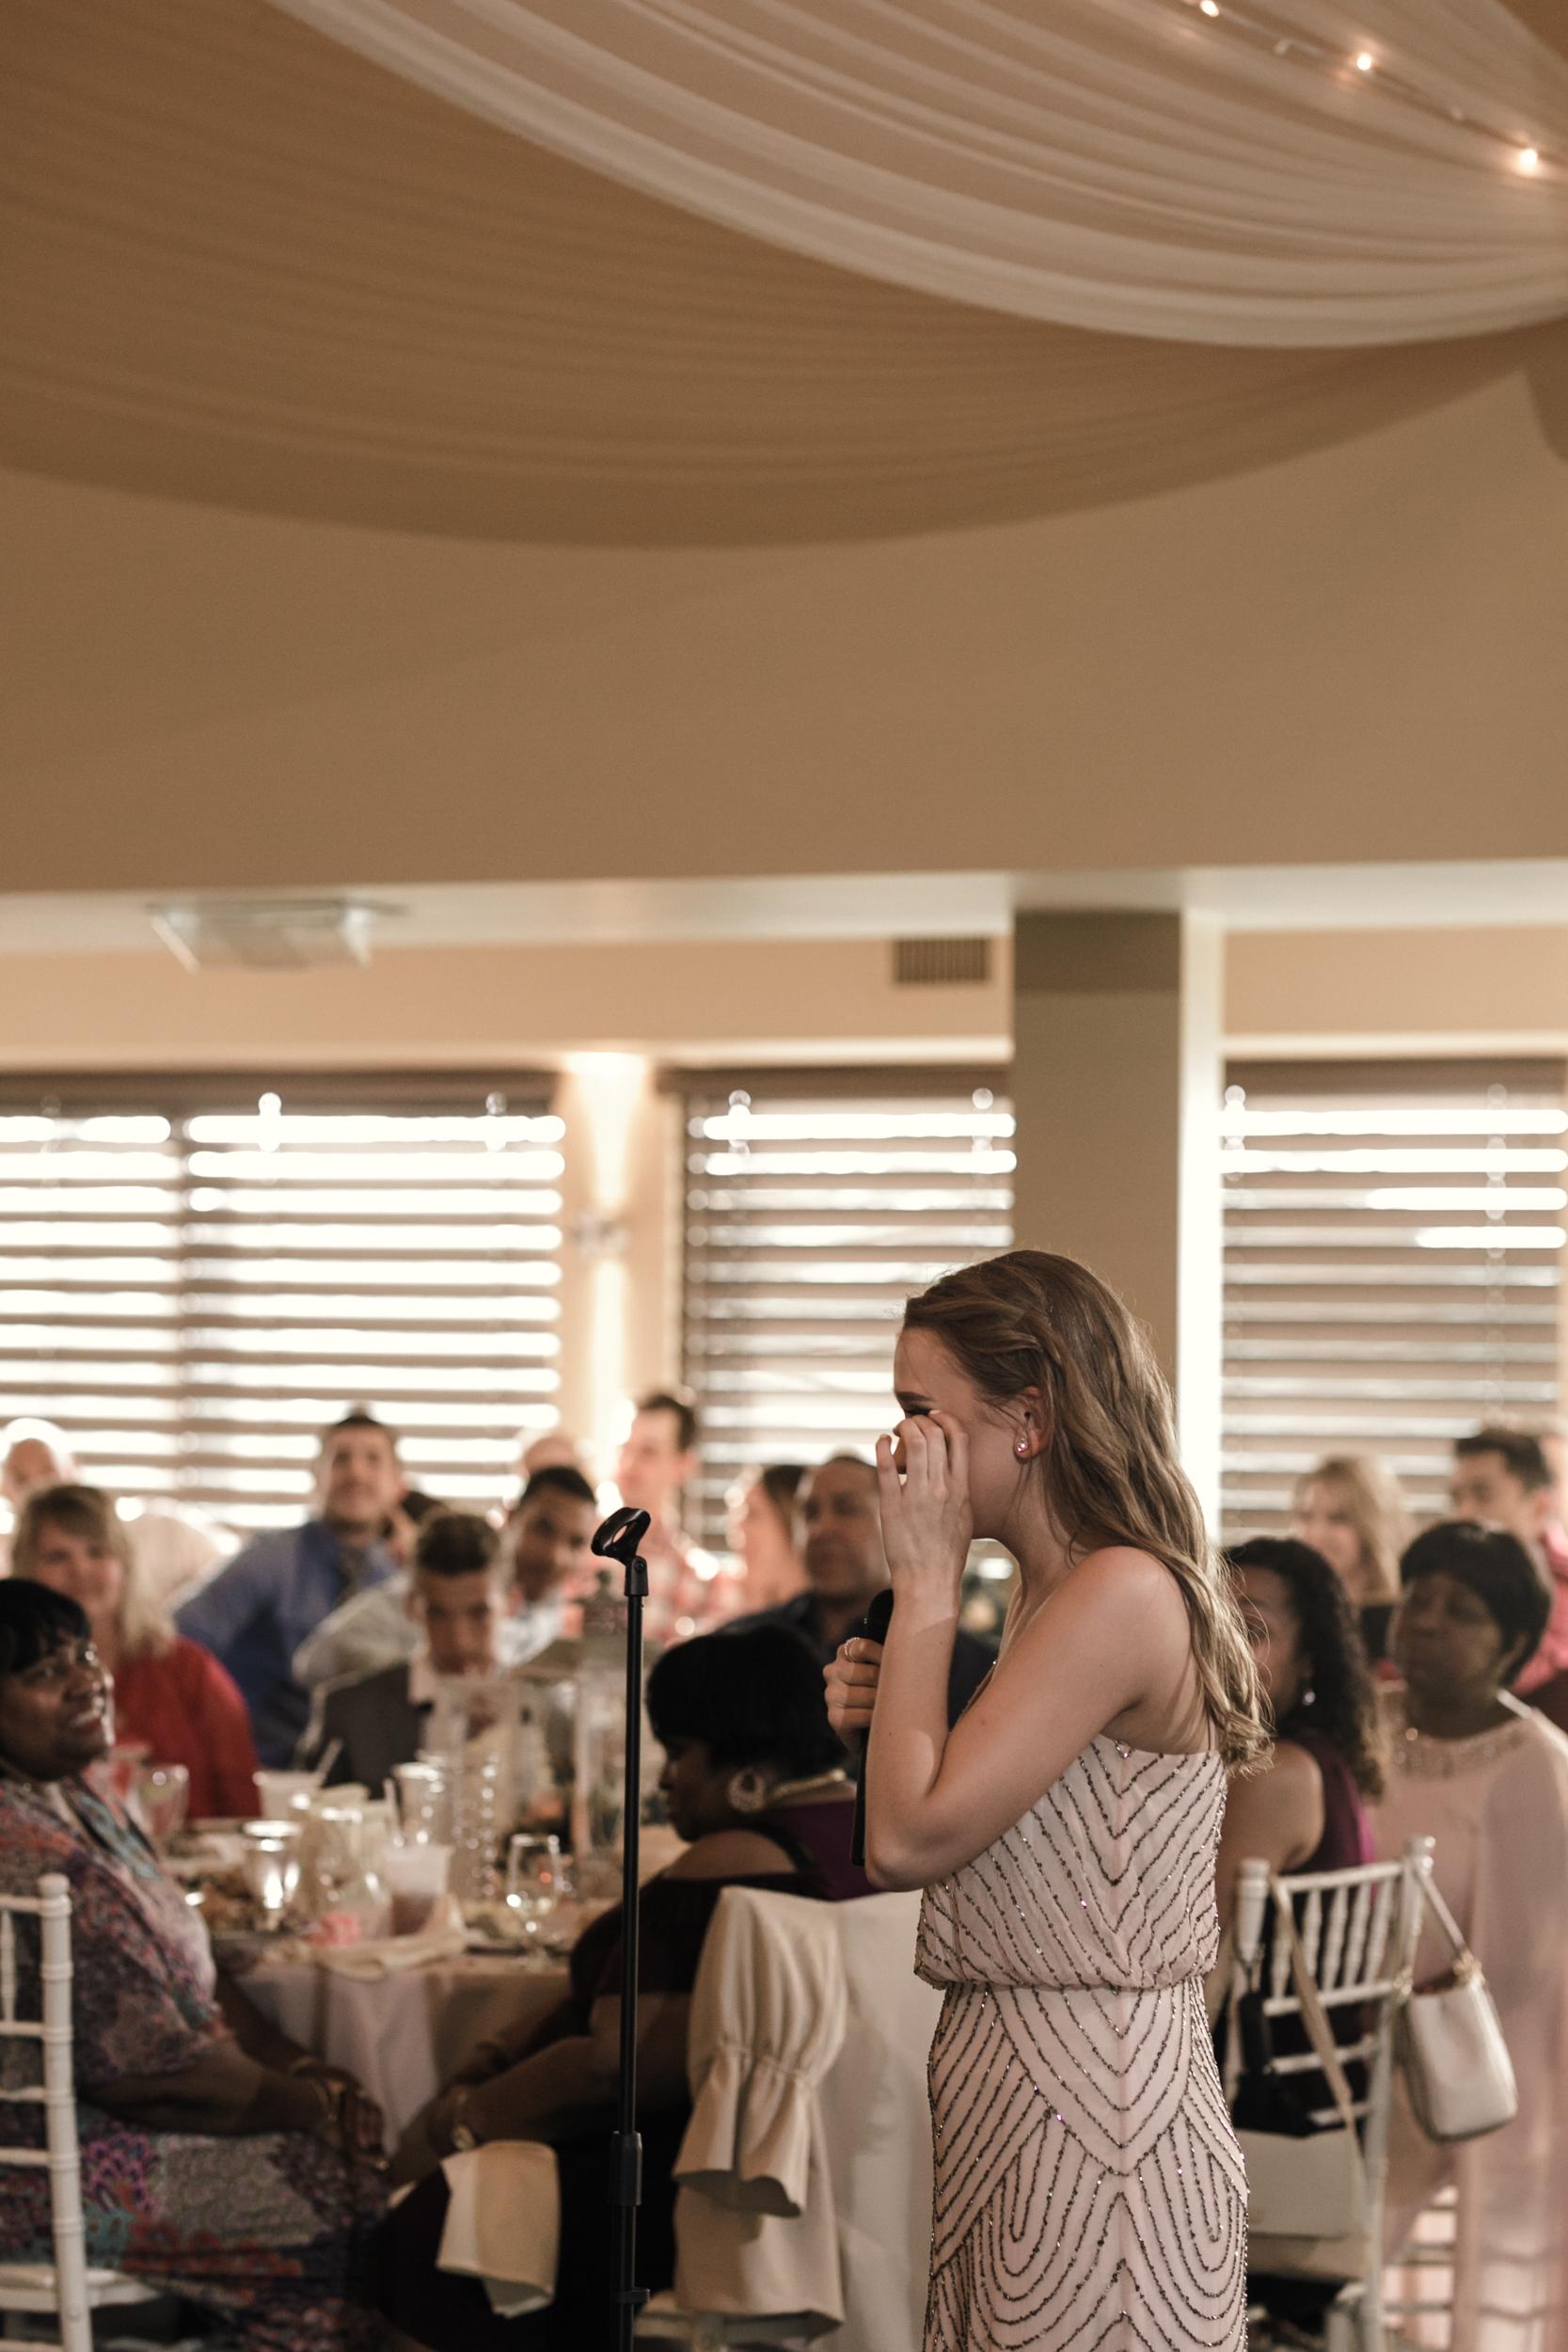 dellwood country club wedding*, Dellwood Country Club*, golf course wedding*, green golf course*, rose pink wedding details*-www.rachelsmak.com71.jpg